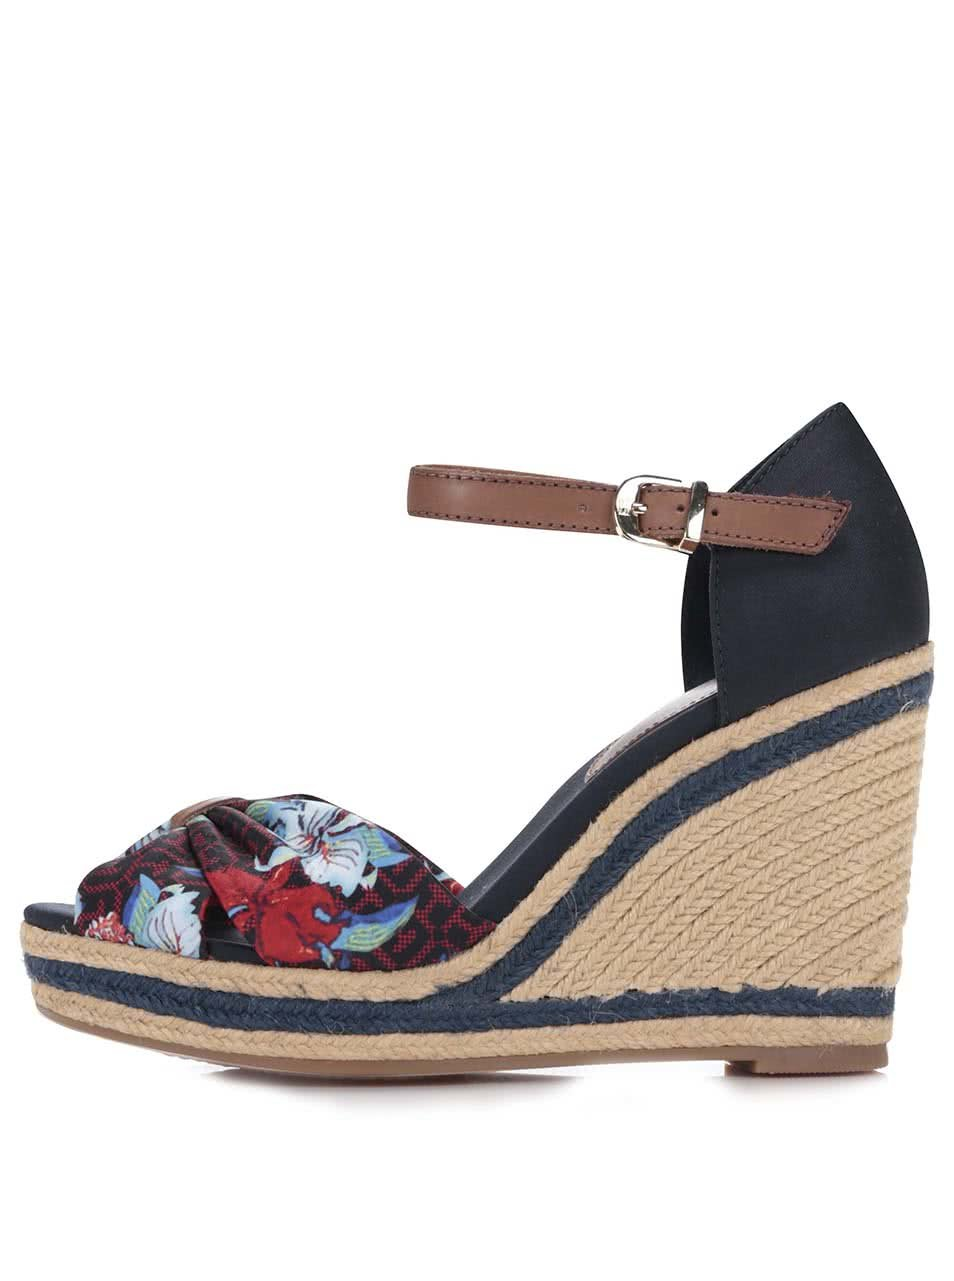 b8ea9731dd Barevné dámské boty na klínku s květinami Tommy Hilfiger ...